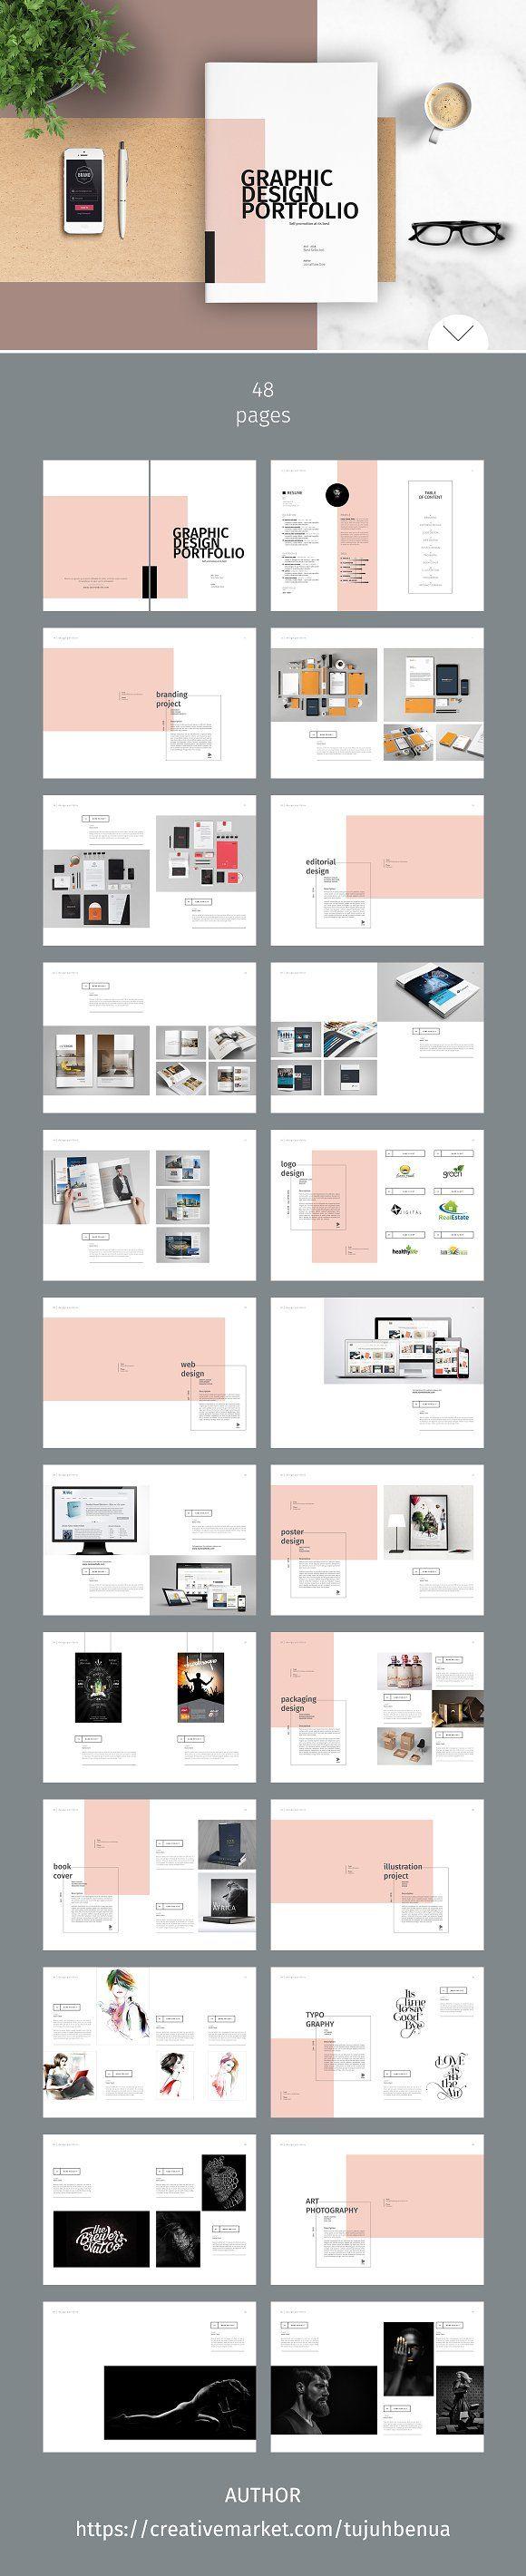 graphic design portfolio template - Design Portfolio Ideas